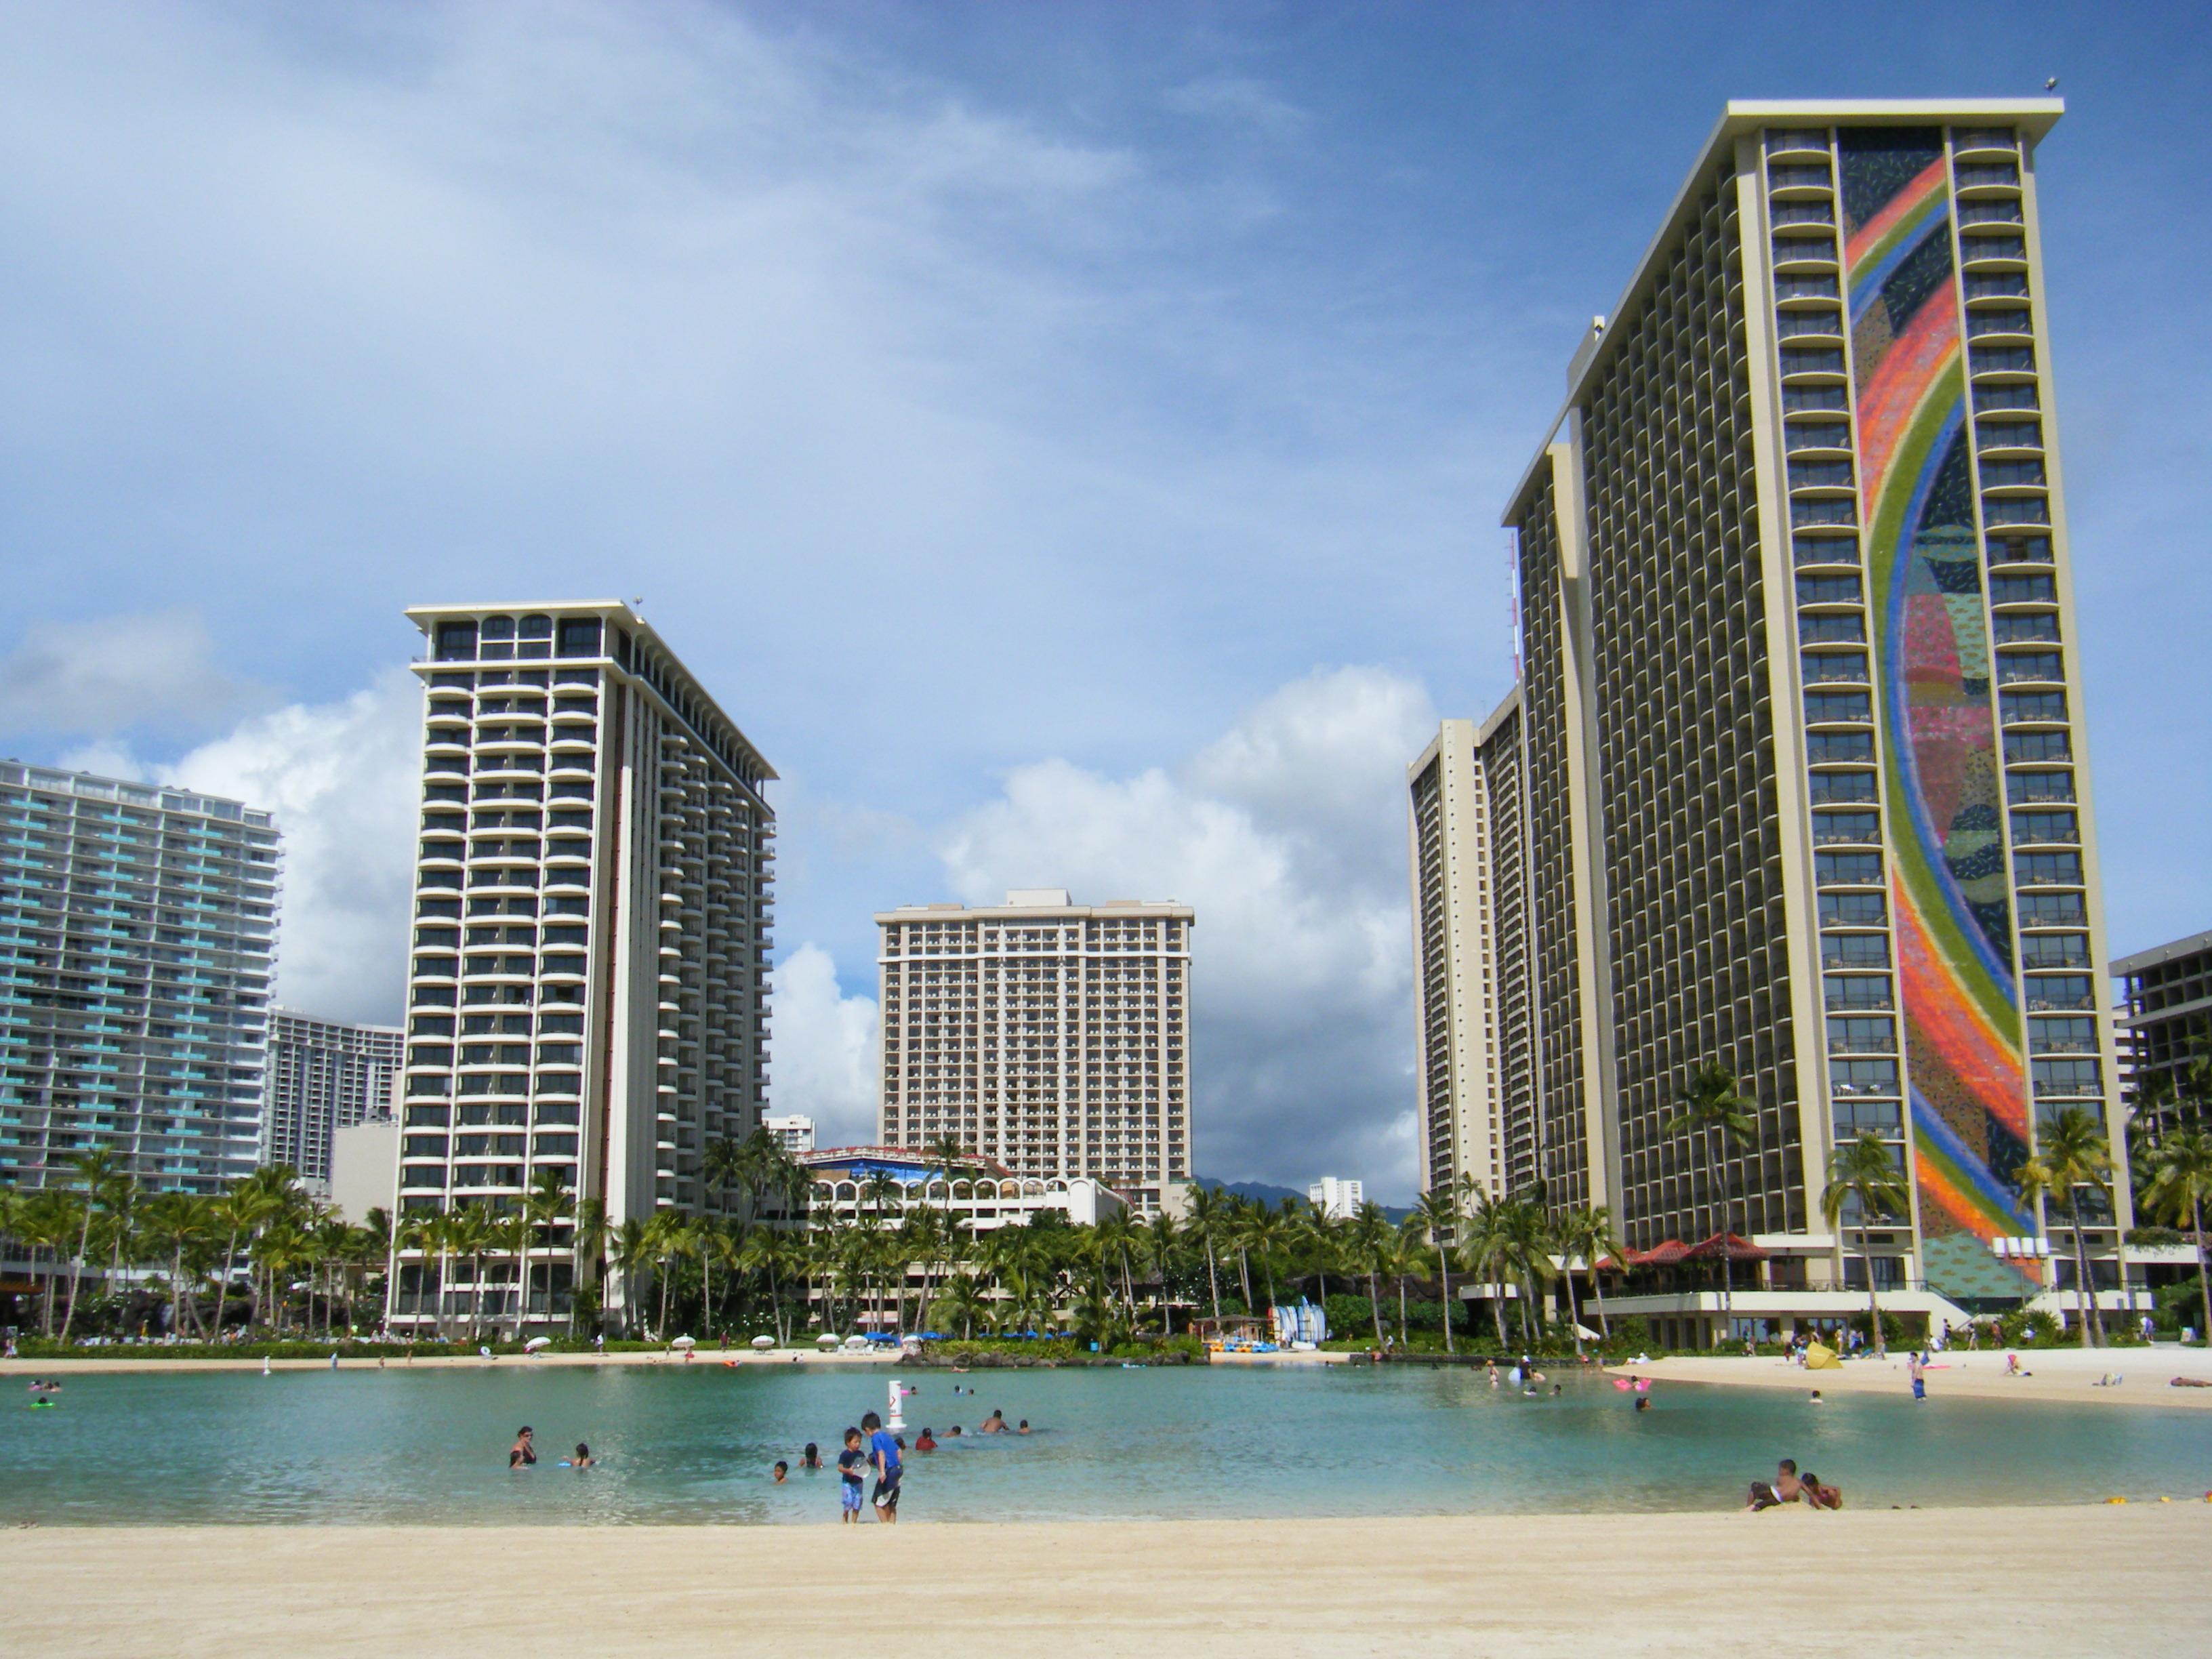 Hilton Hawaiian Village - Wikipedia